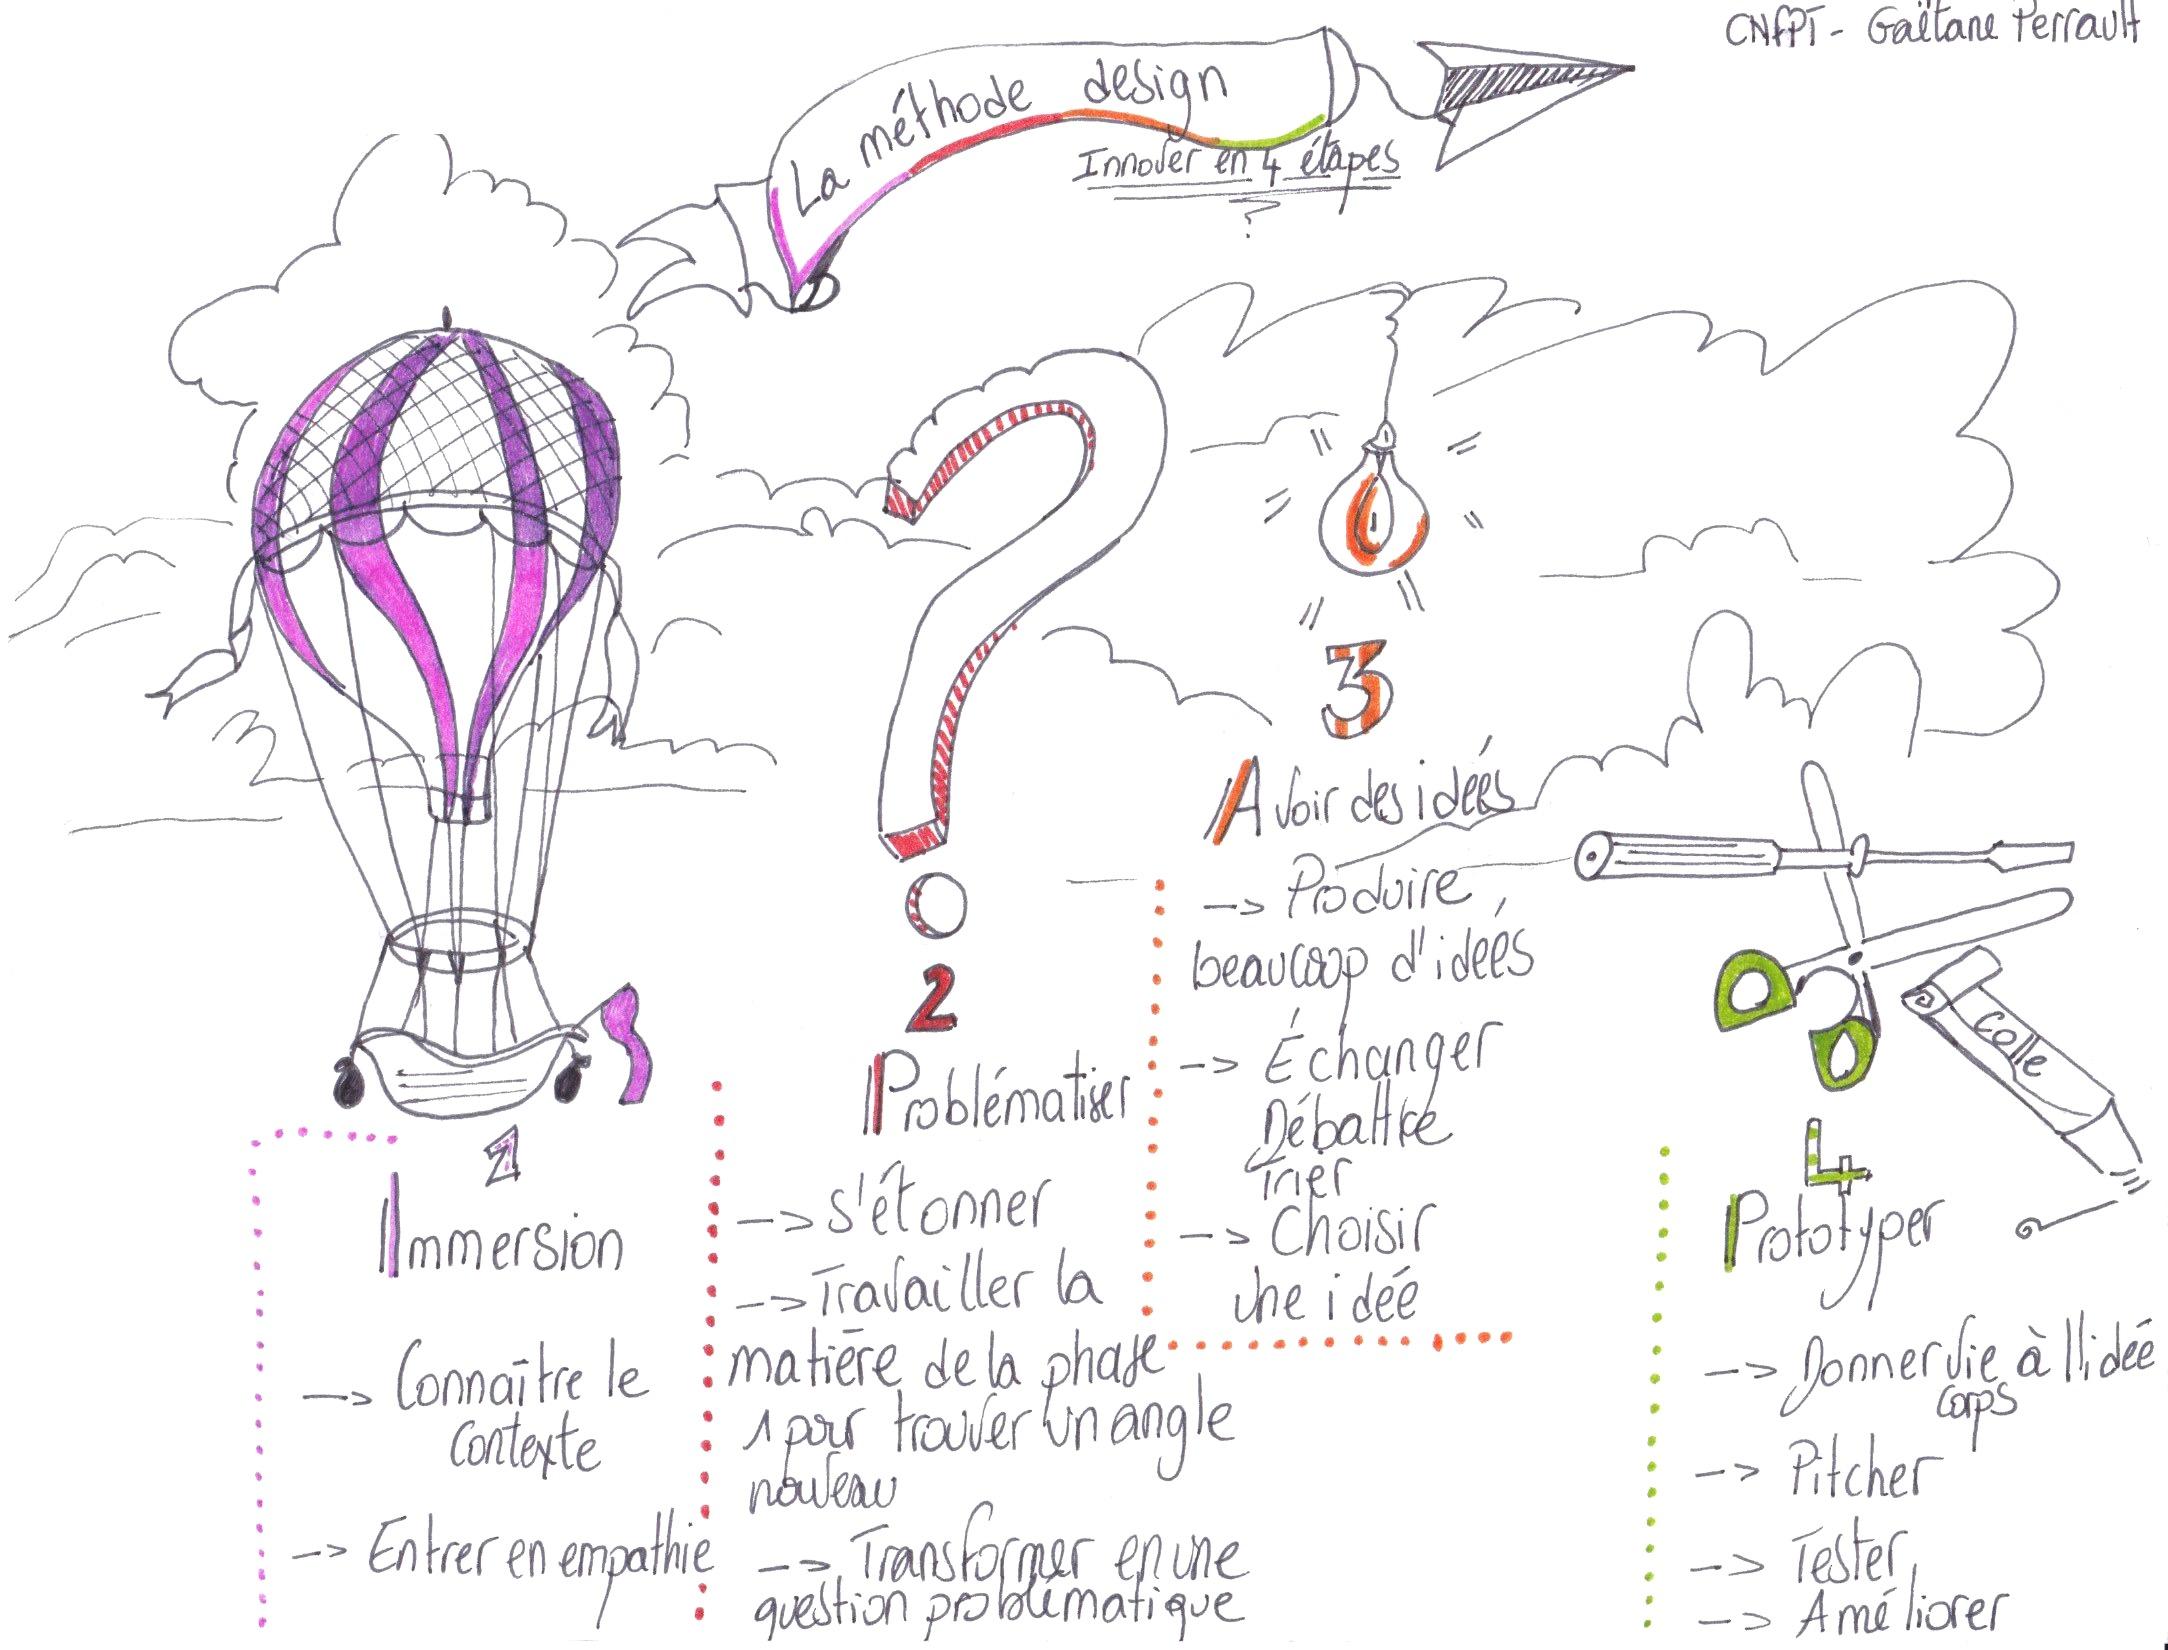 Les étapes de la méthode design